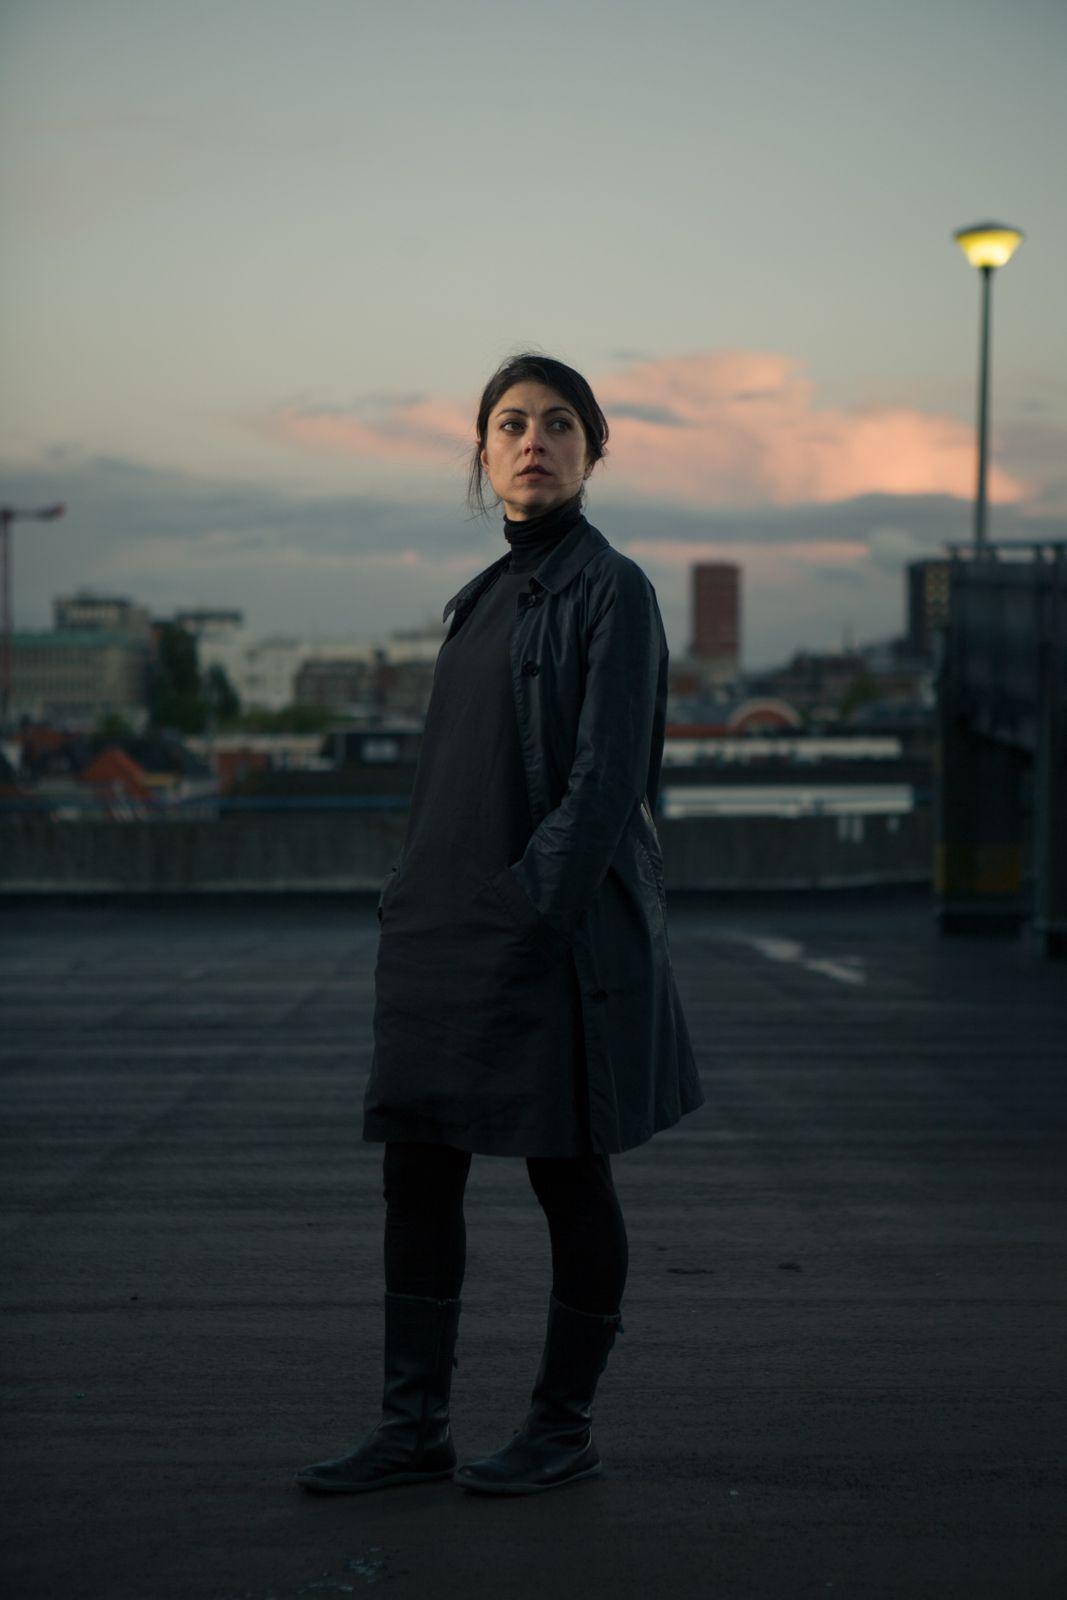 Urban Portrait Photography The Hague